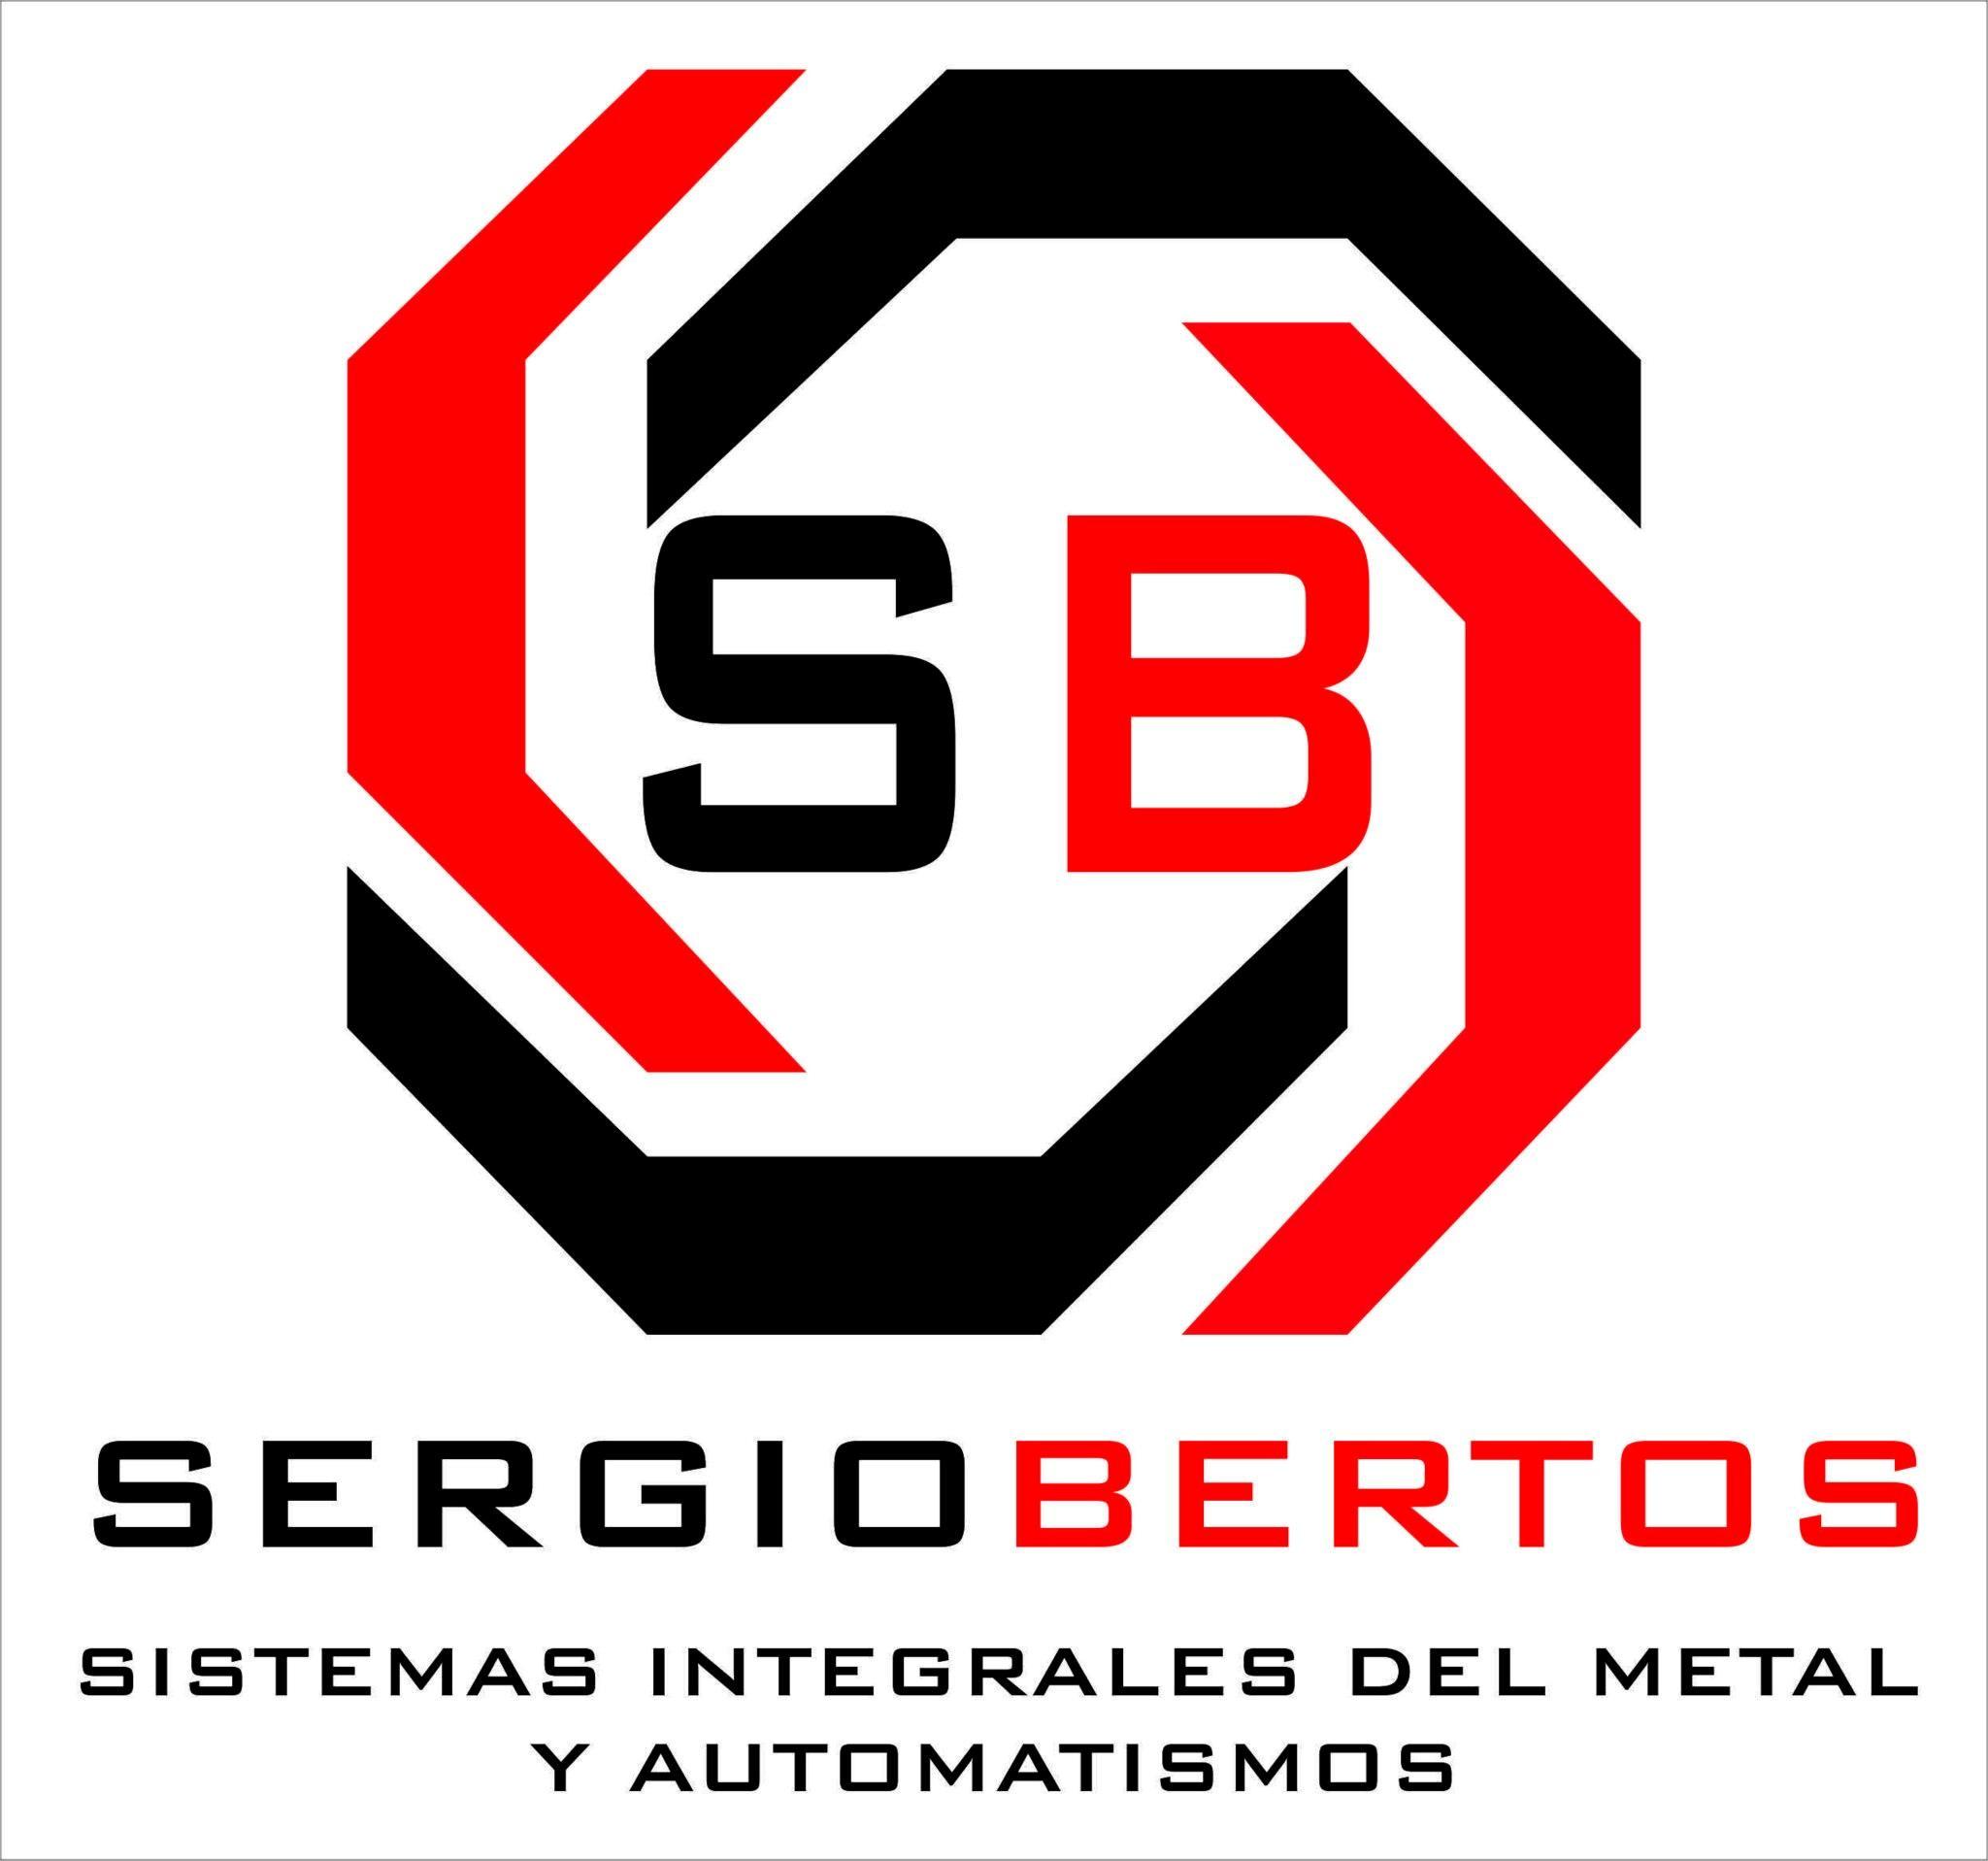 Sistemas Integrales Del Metal Y Automatismos